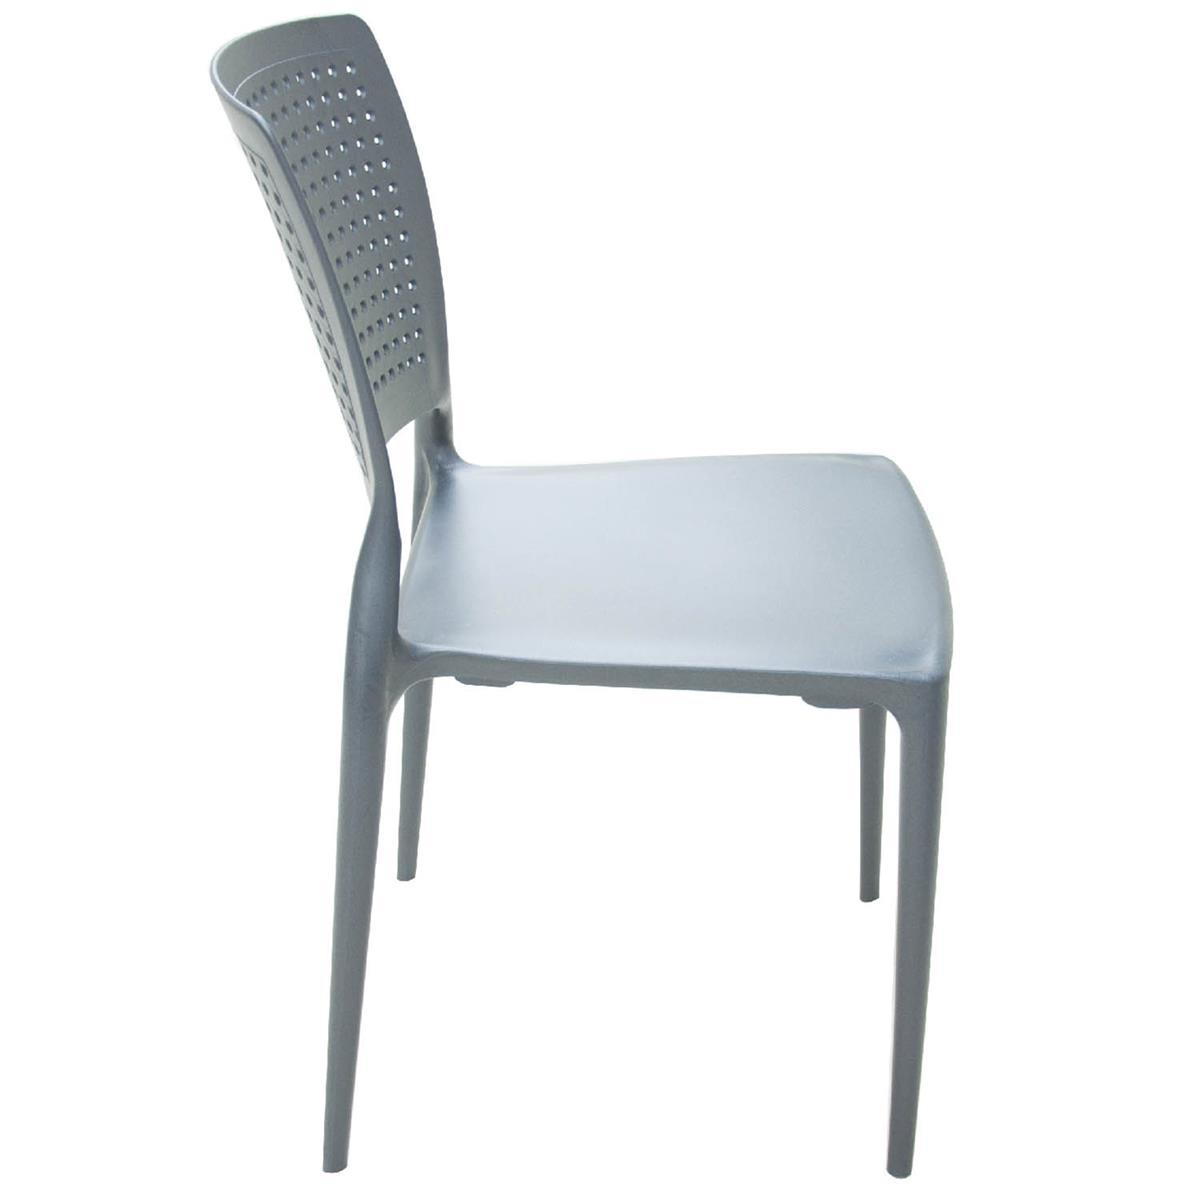 Cadeira Safira Polipropileno E Fibra De Vidro Grafite 92048007  -> Imagens De Uma Cadeira